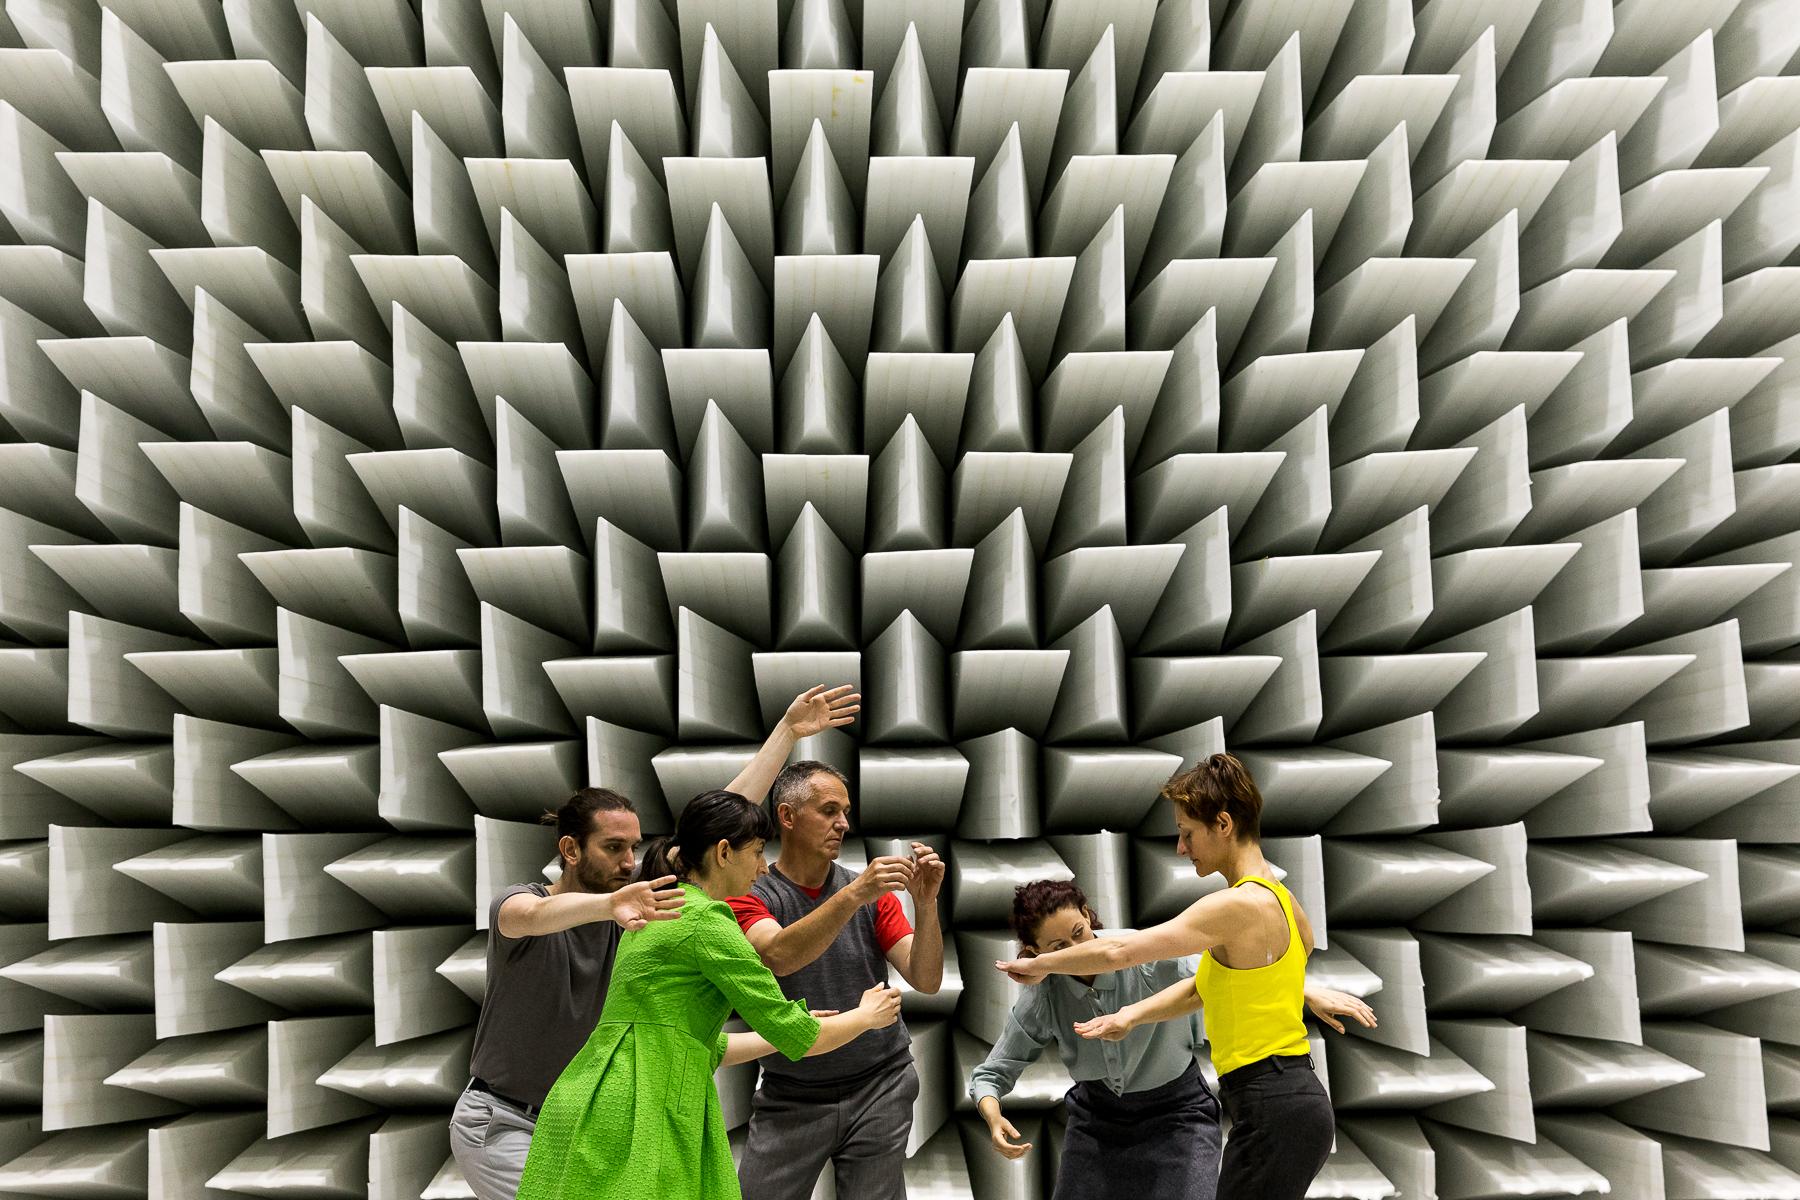 Foto scattata da  Giacomo Brini  nel corso della performance  CircolAzione  del gruppo Dance Off, presso la Camera Anecoica - Laboratorio MechLav dell'Università di Ferrara